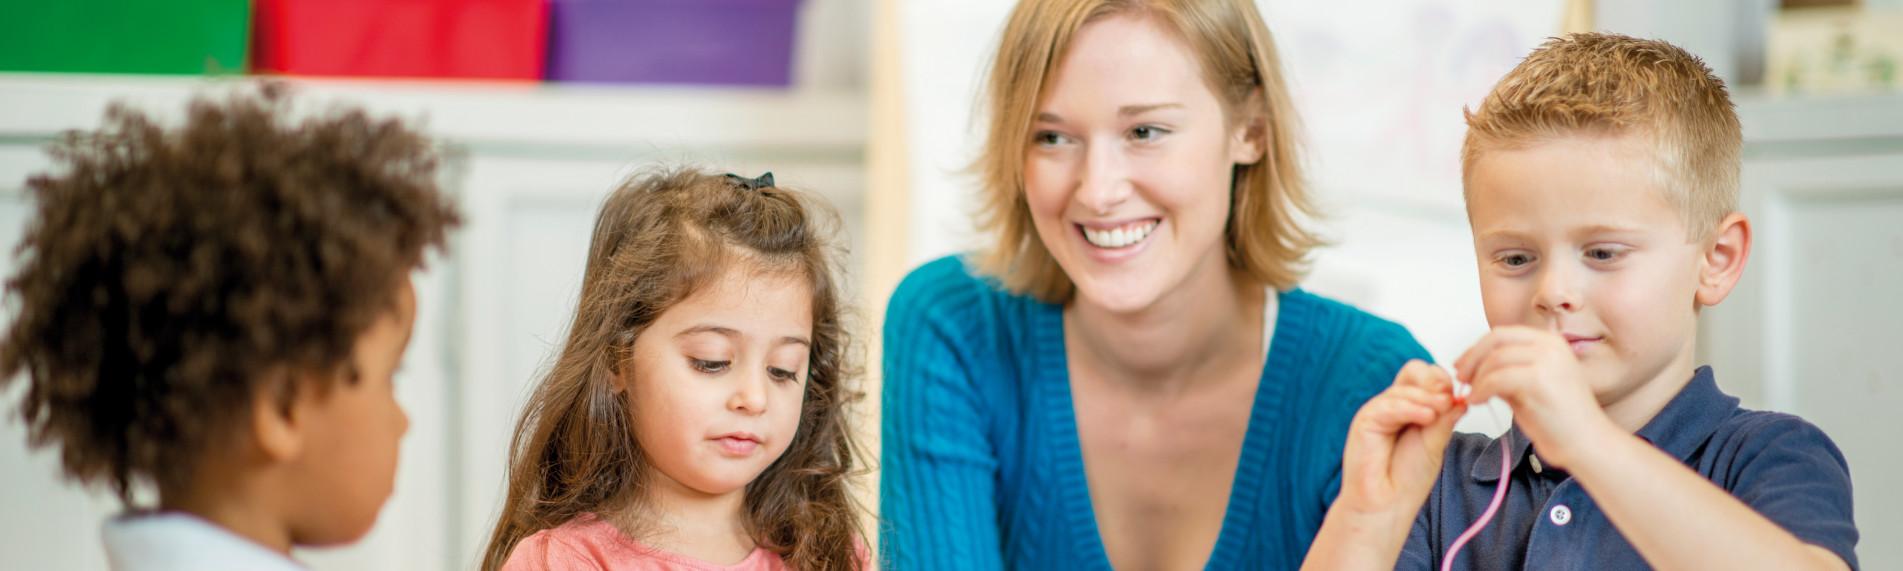 Sundt indeklima hjælper børn i daginstitution